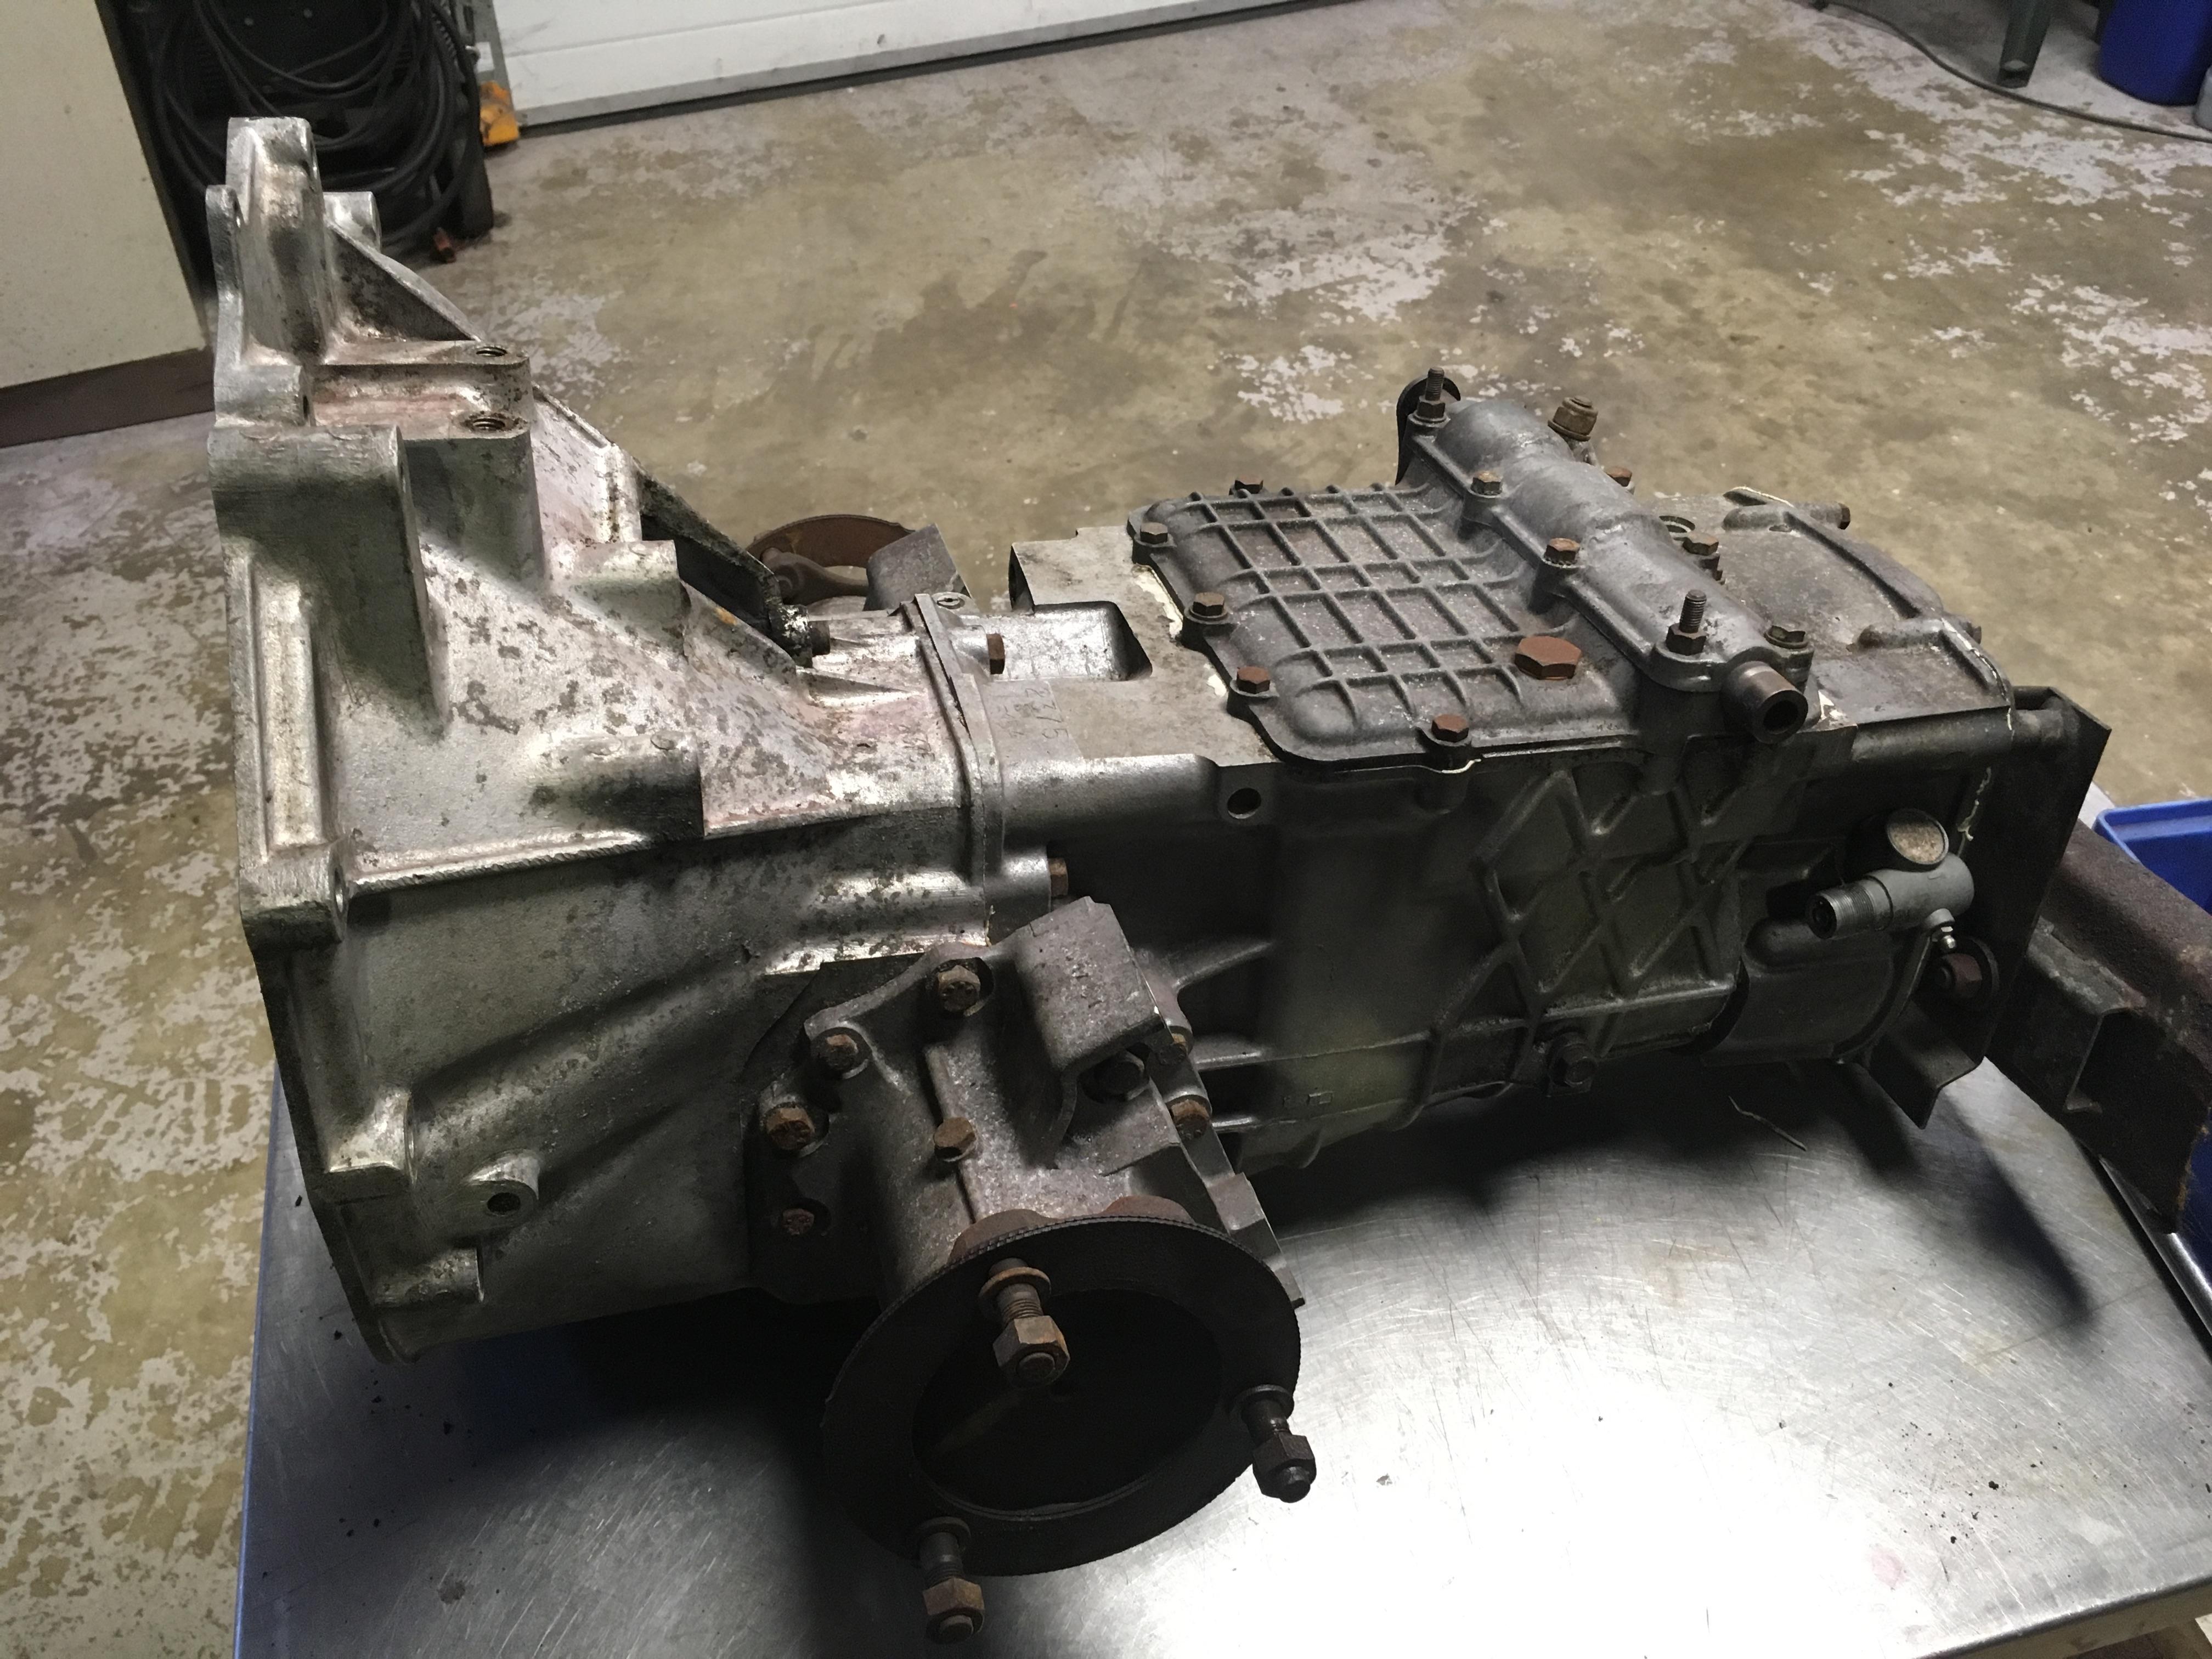 Lotus Esprit S3 Citroen gearbox input shaft replacement - Esprit Engineering gearbox rebuilding service- S1 S2 S3 S3 Turbo